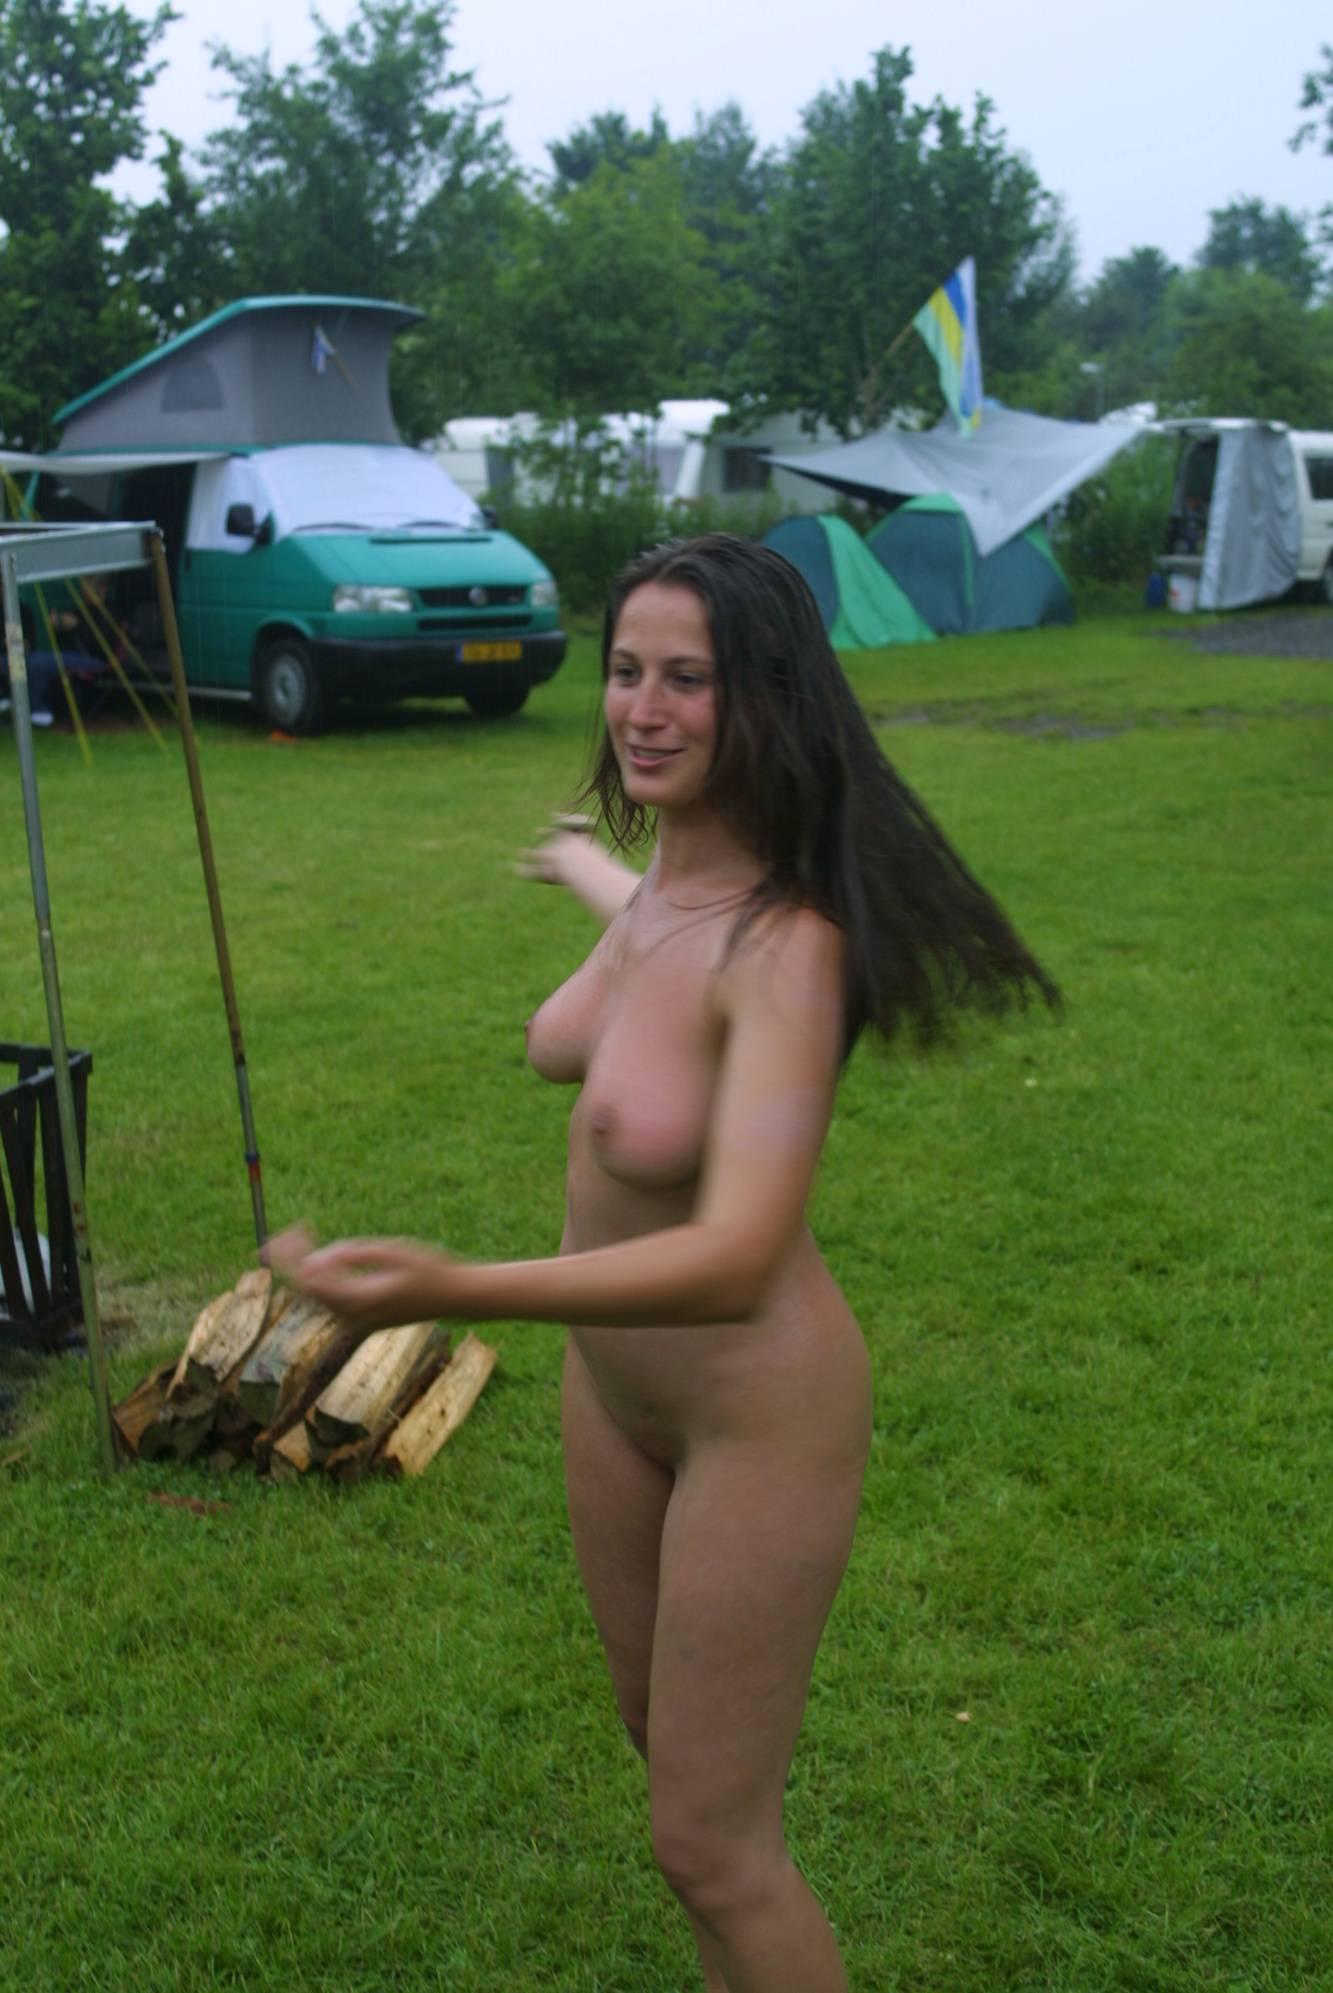 Pure Nudism Pics Family Nude Camping Hug - 2